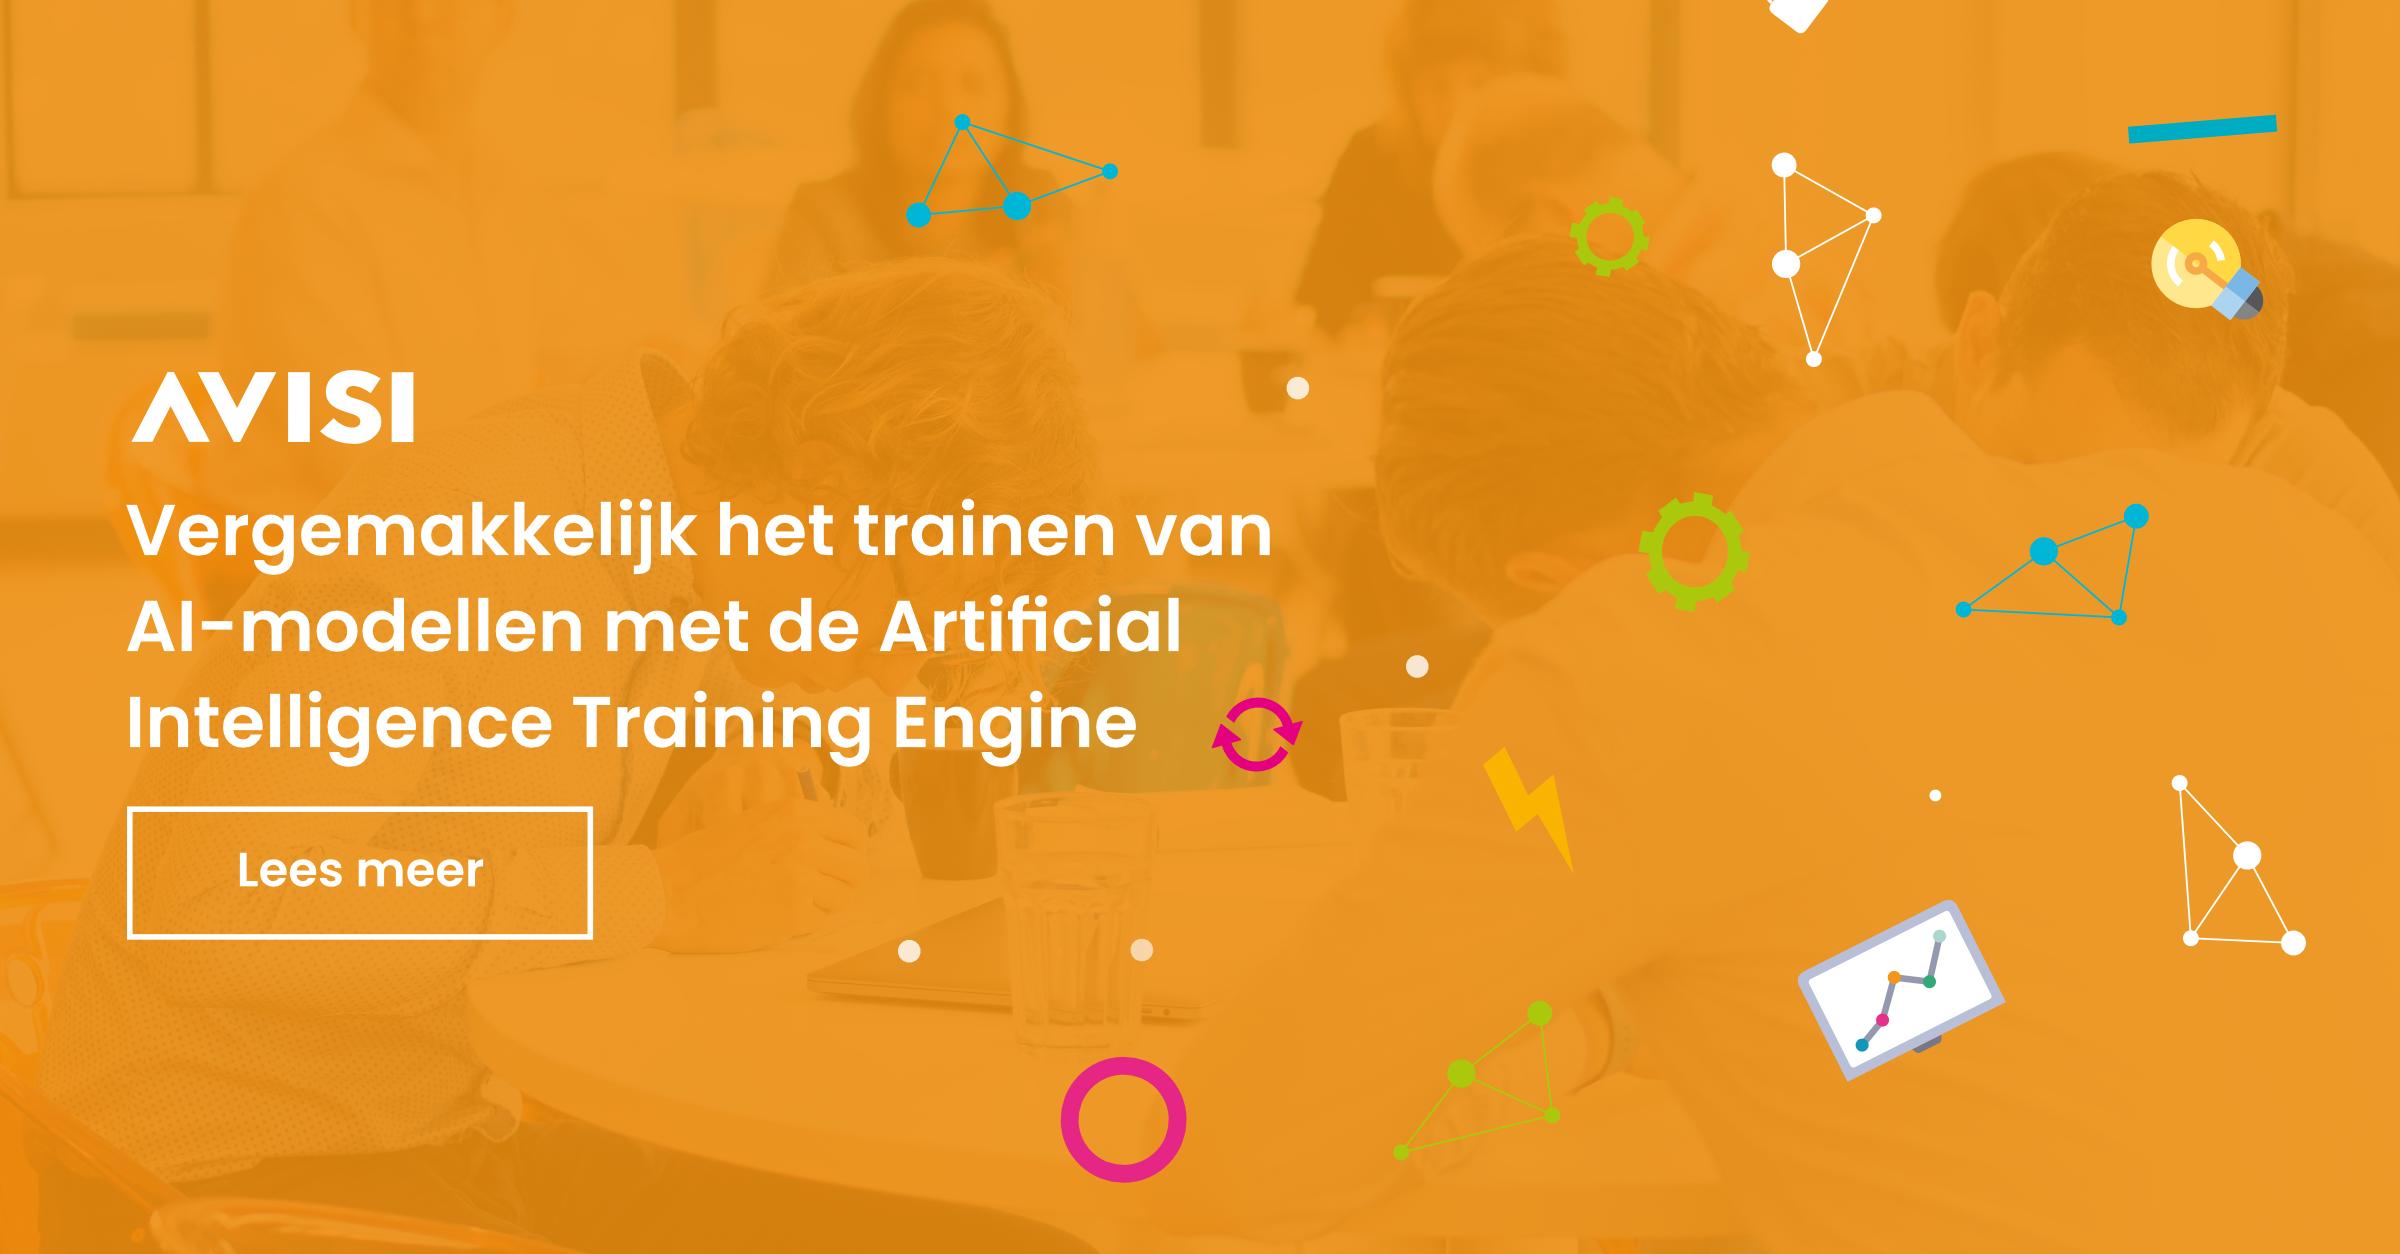 Vergemakkelijk het trainen van AI-modellen met de Artificial Intelligence Training Engine